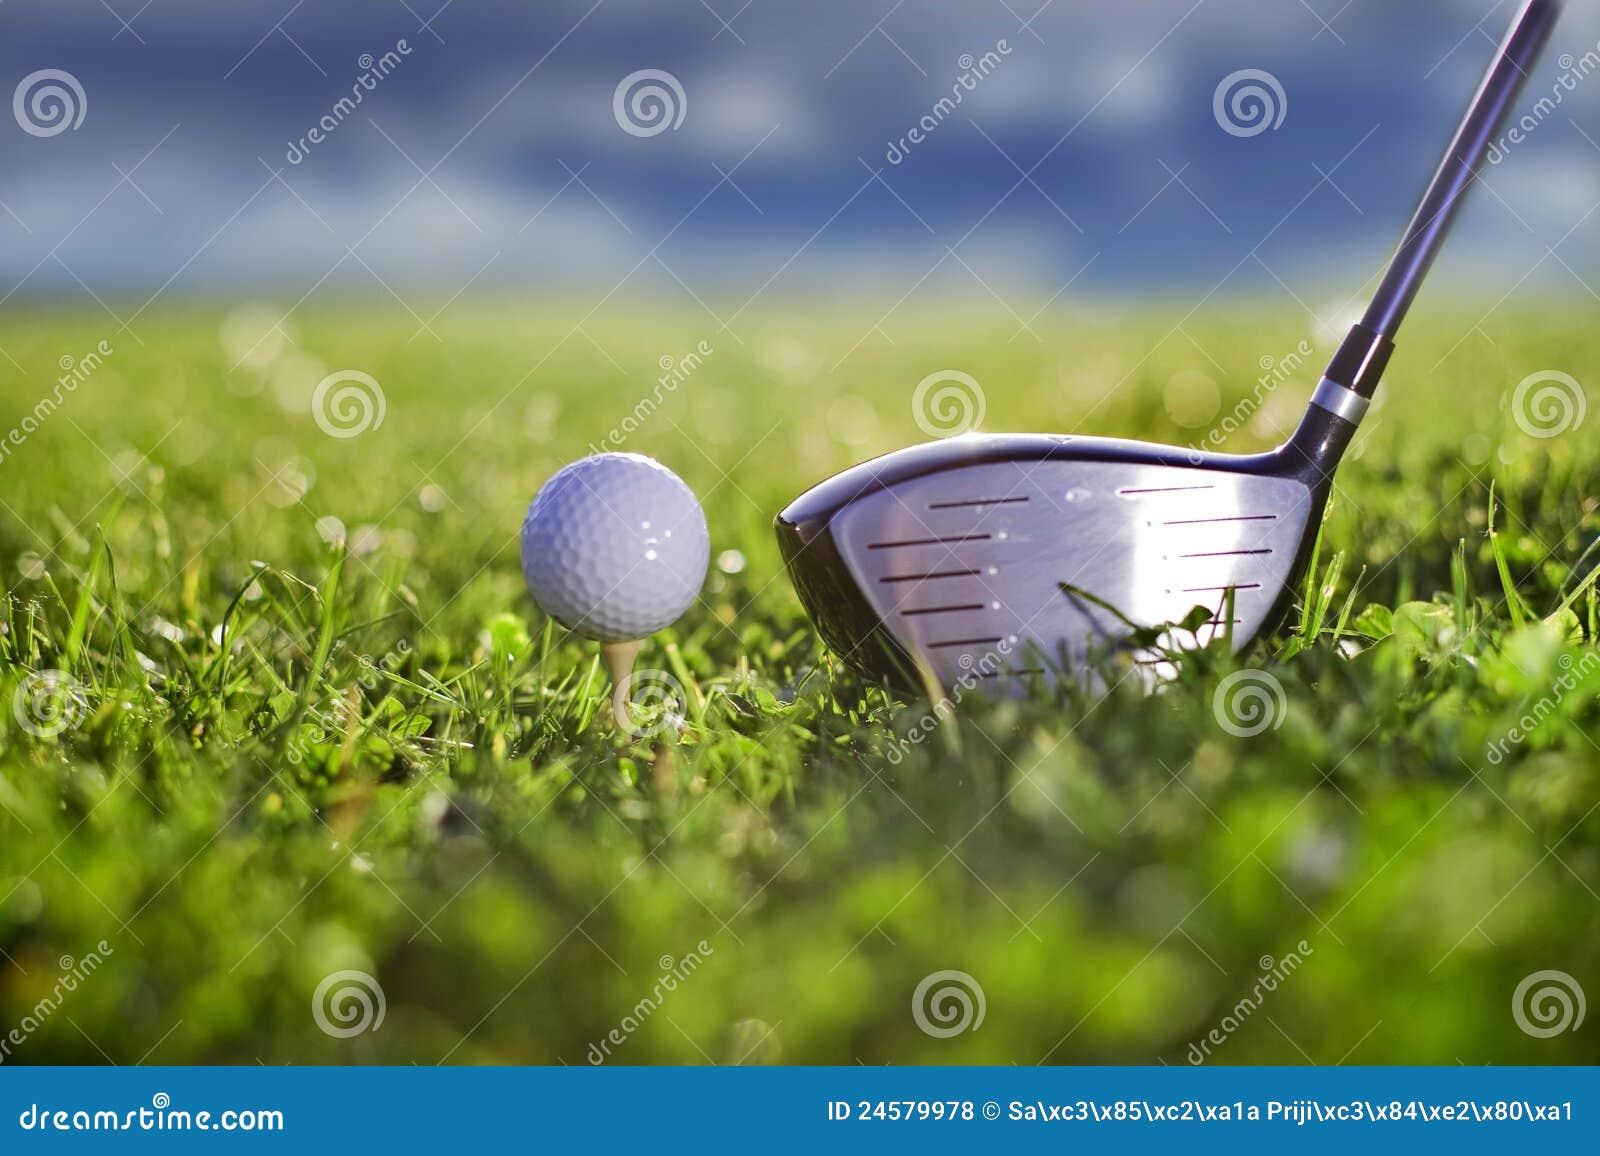 Spielen Sie Kickerspiel Golf